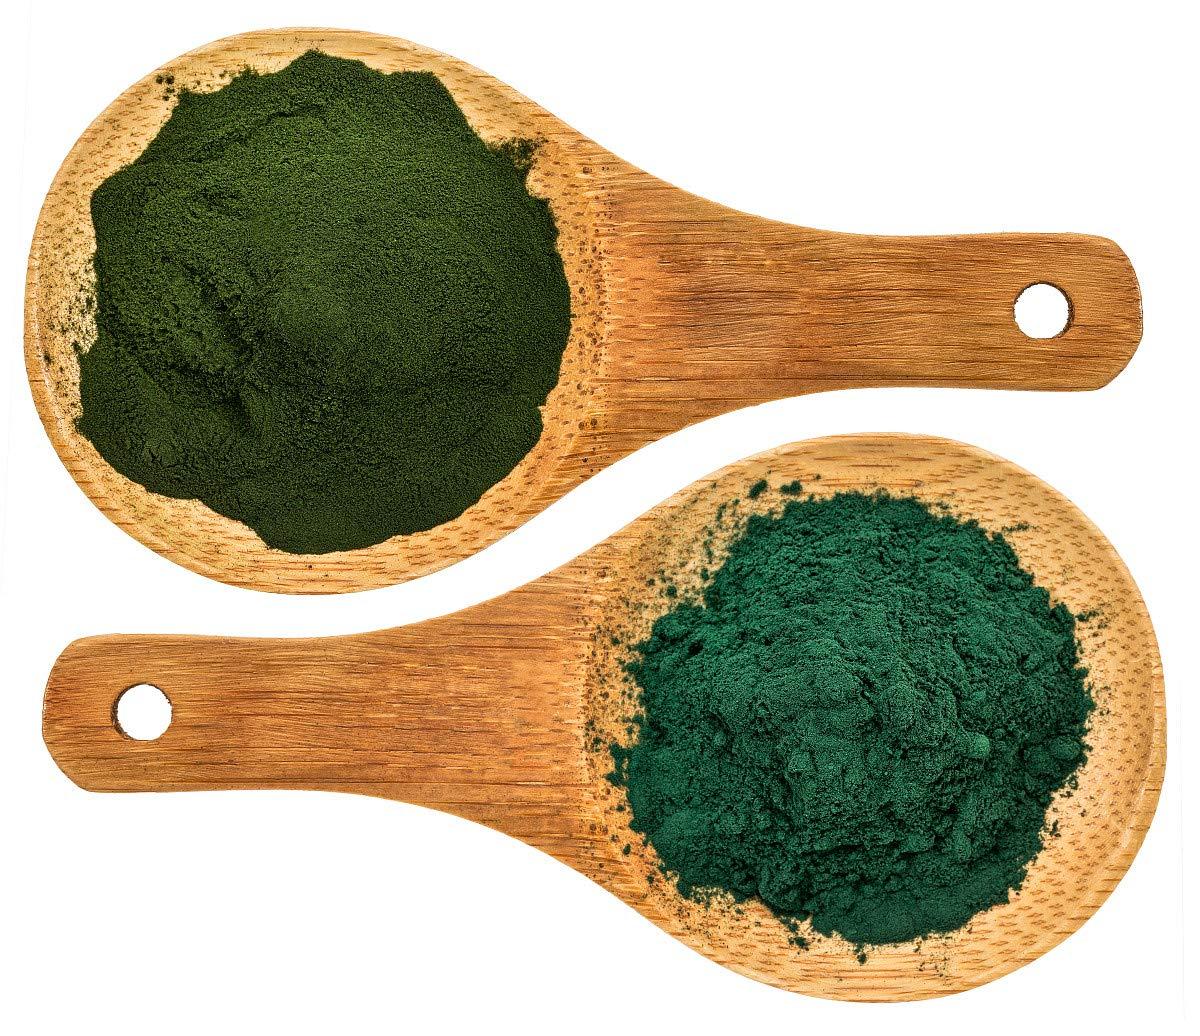 case of 20 packs, 25kg/pack, blue-green algae powder, seaweed powder … by Hello Seaweed (Image #4)